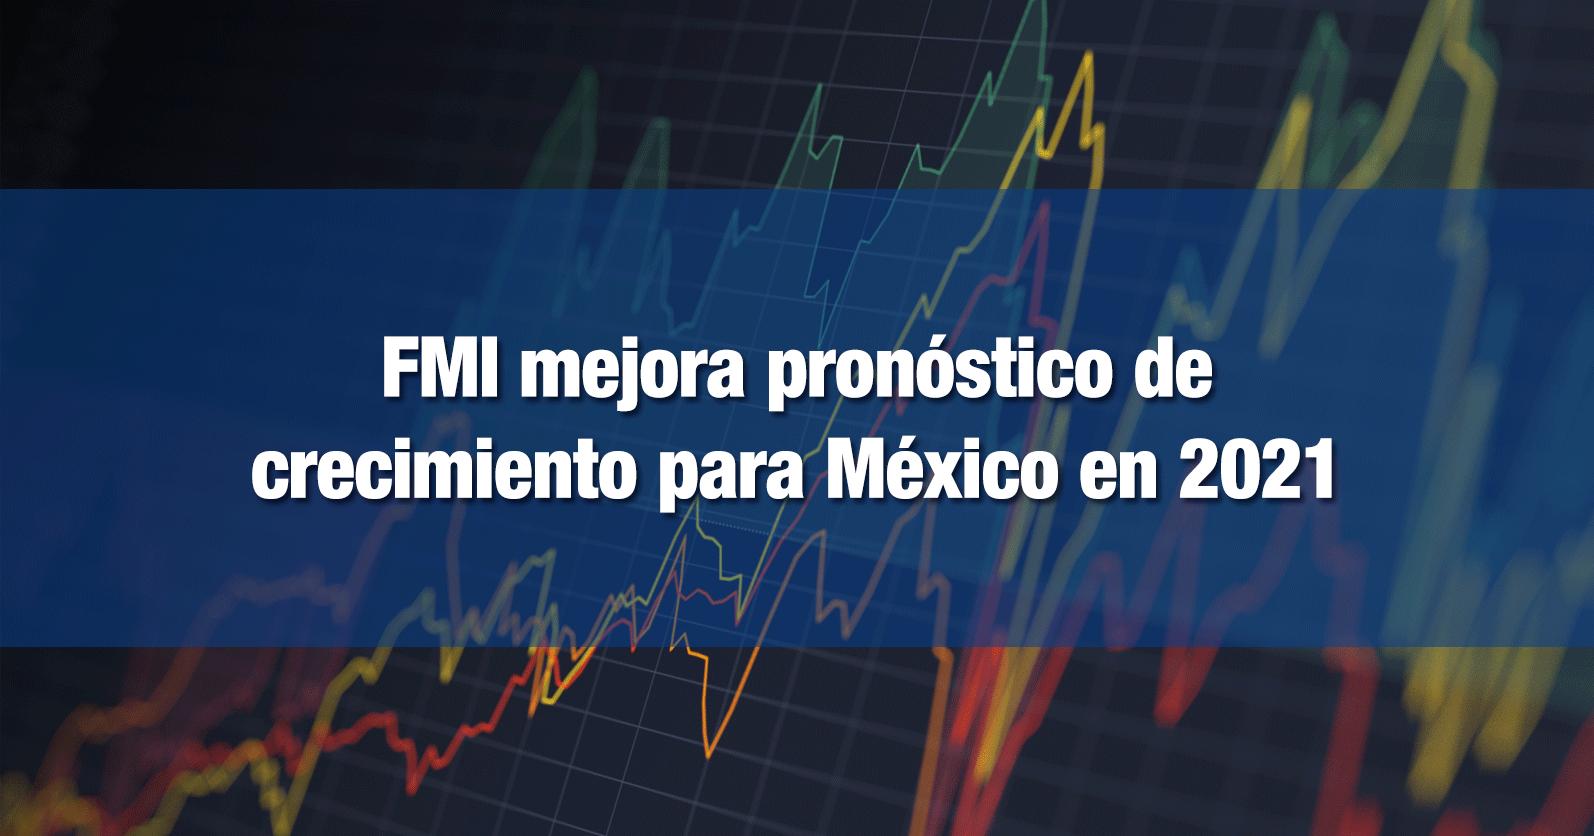 FMI mejora pronóstico de crecimiento para México en 2021